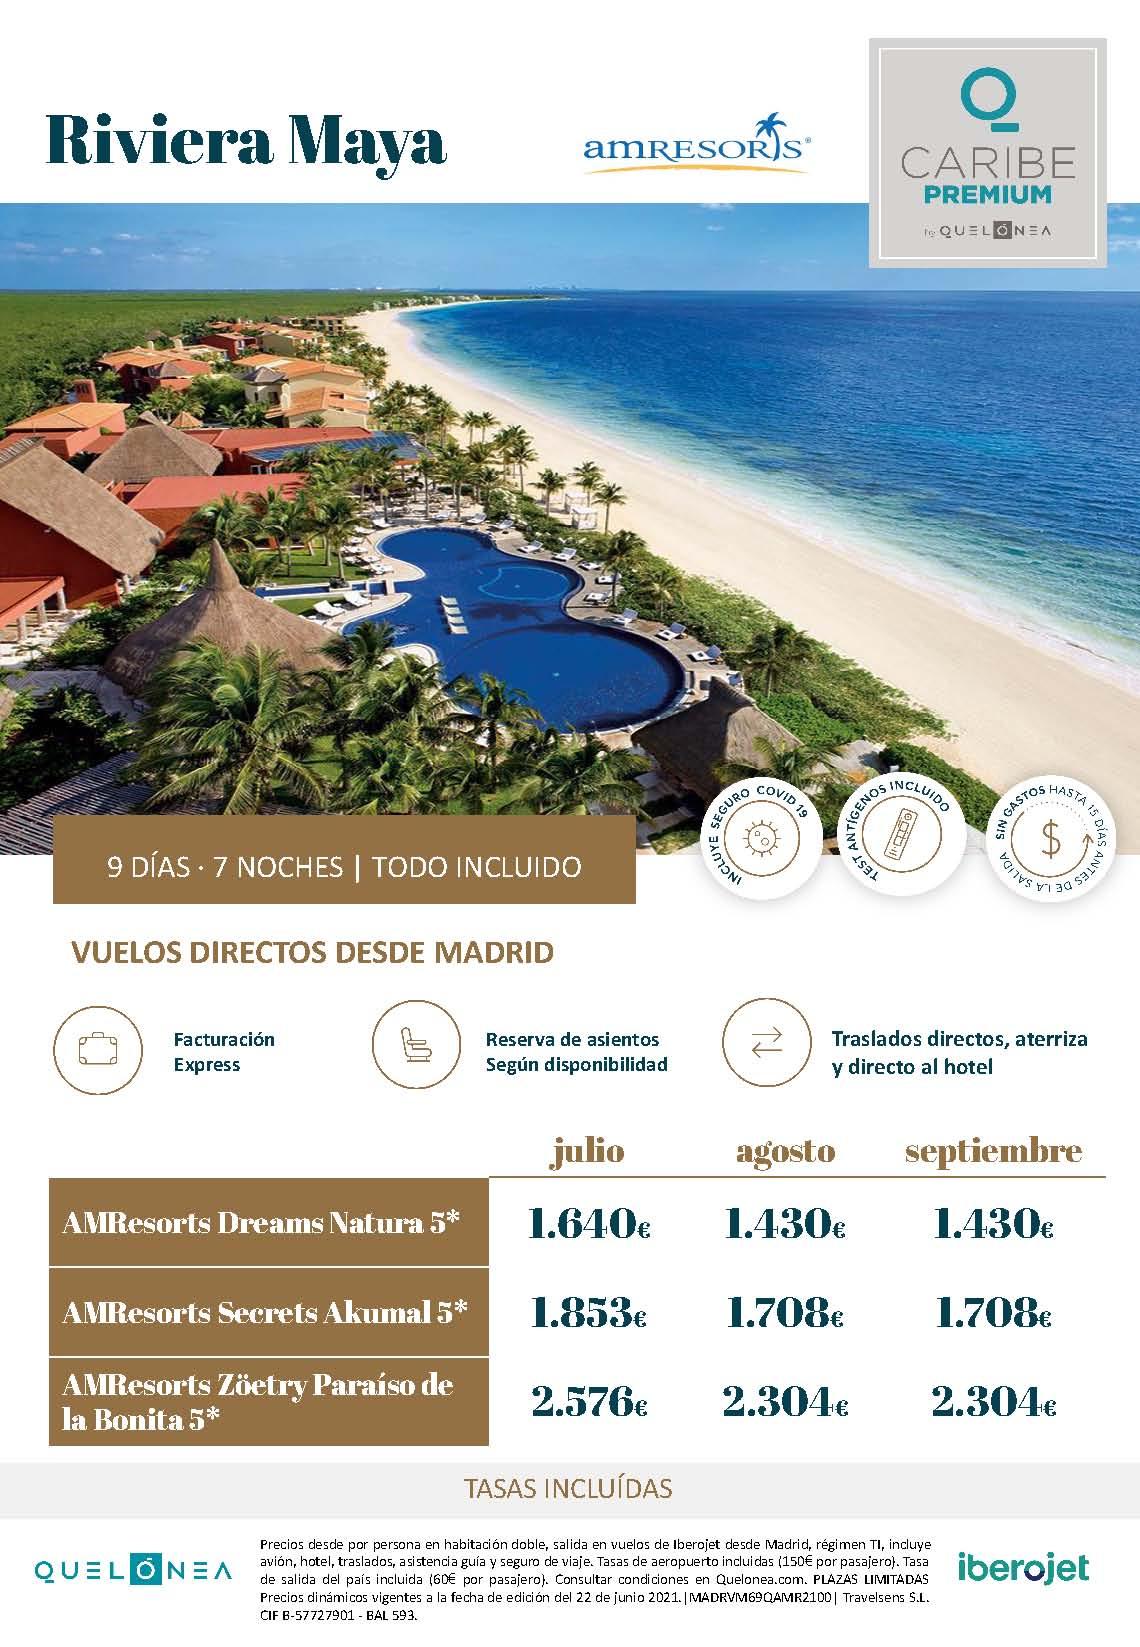 Ofertas Quelonea Caribe Premium Verano 2021 Riviera Maya AM Resorts vuelo directo desde Madrid